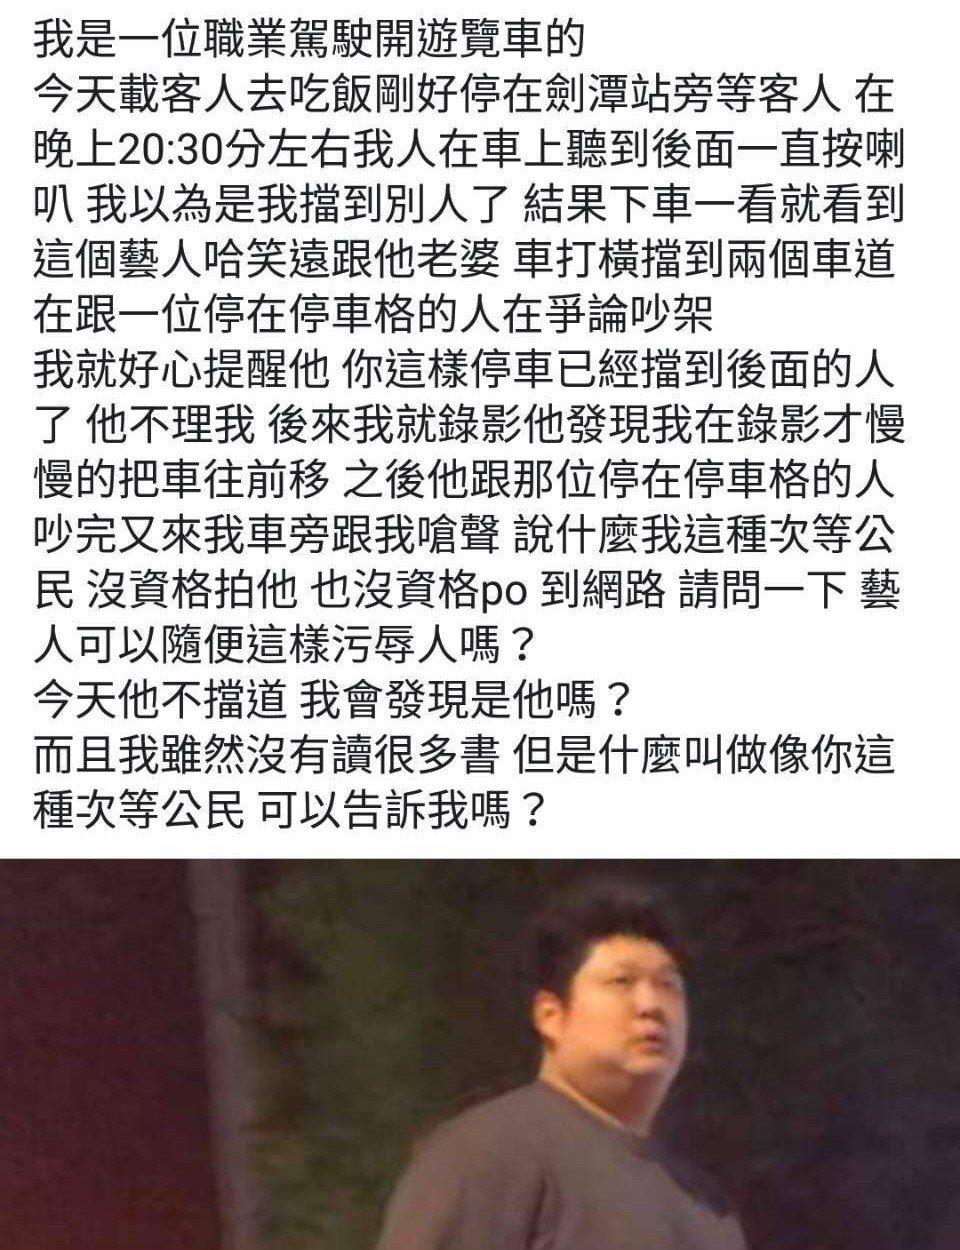 哈孝遠被爆料在爆怨公社上。圖/取自臉書